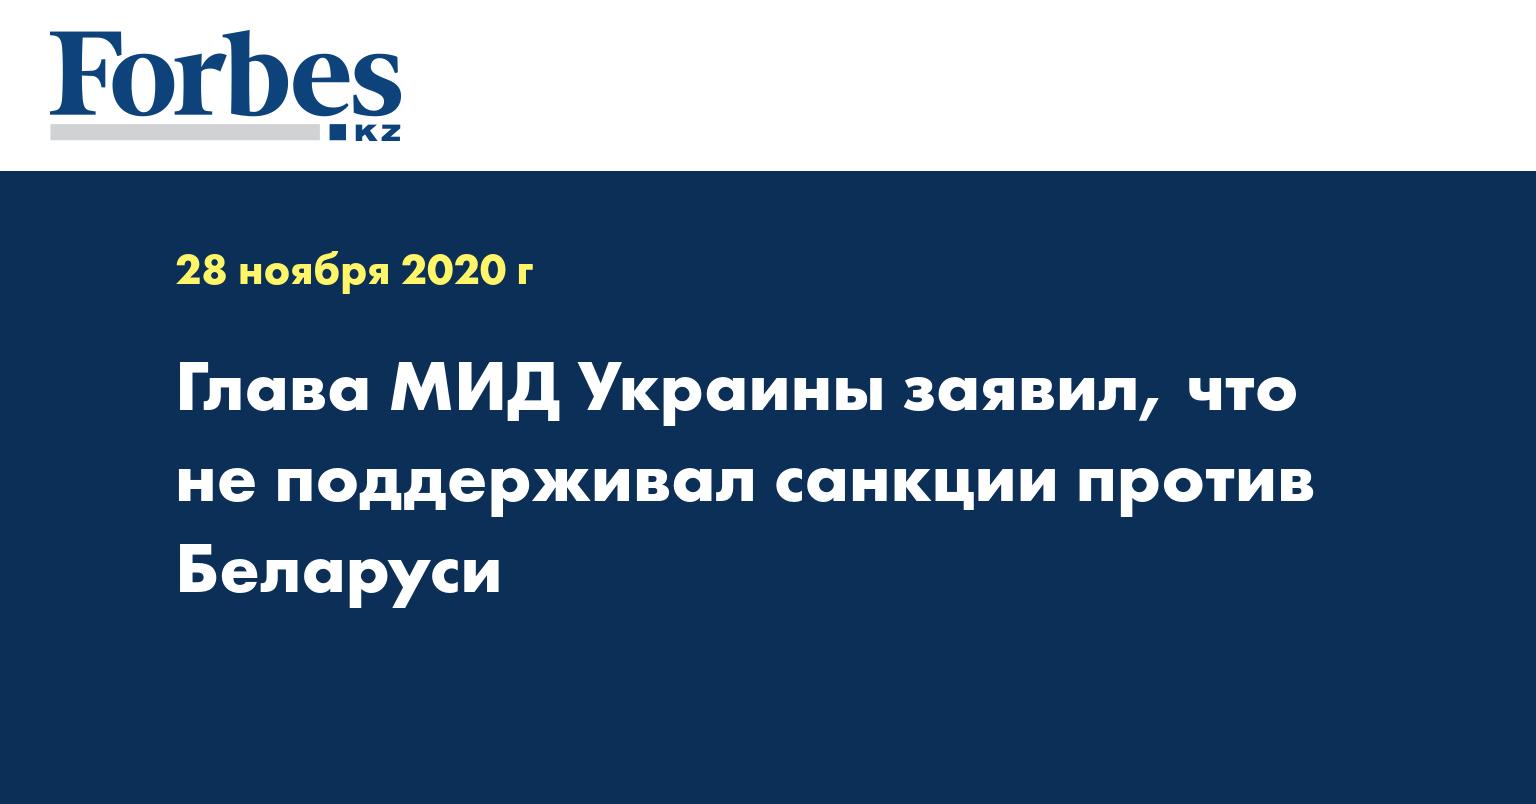 Глава МИД Украины заявил, что не поддерживал санкции против Беларуси